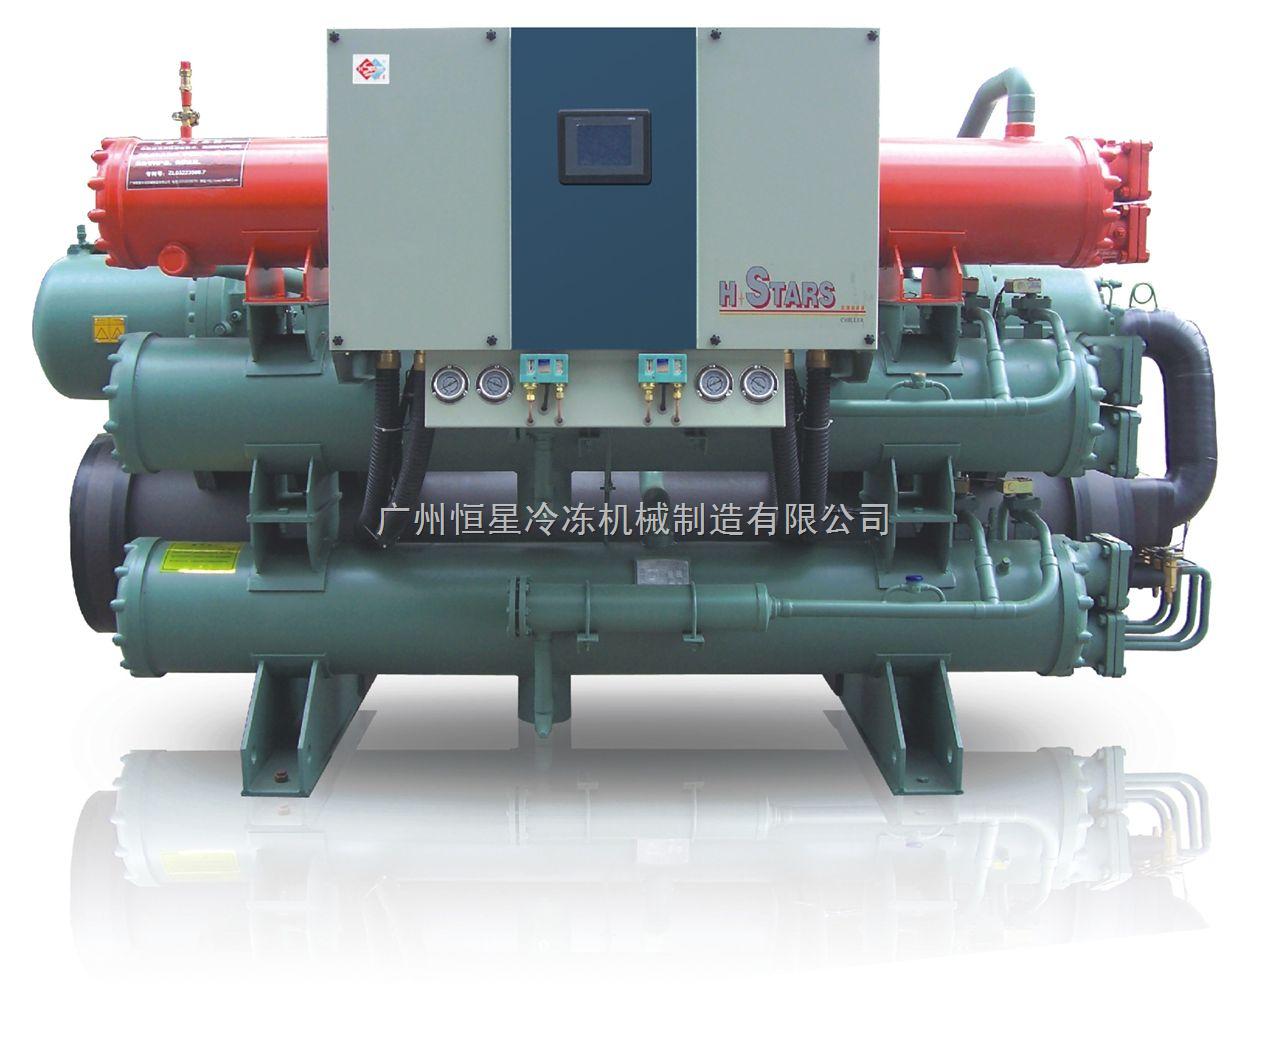 螺杆式冷水机组-广州恒星冷冻机械制造有限公司